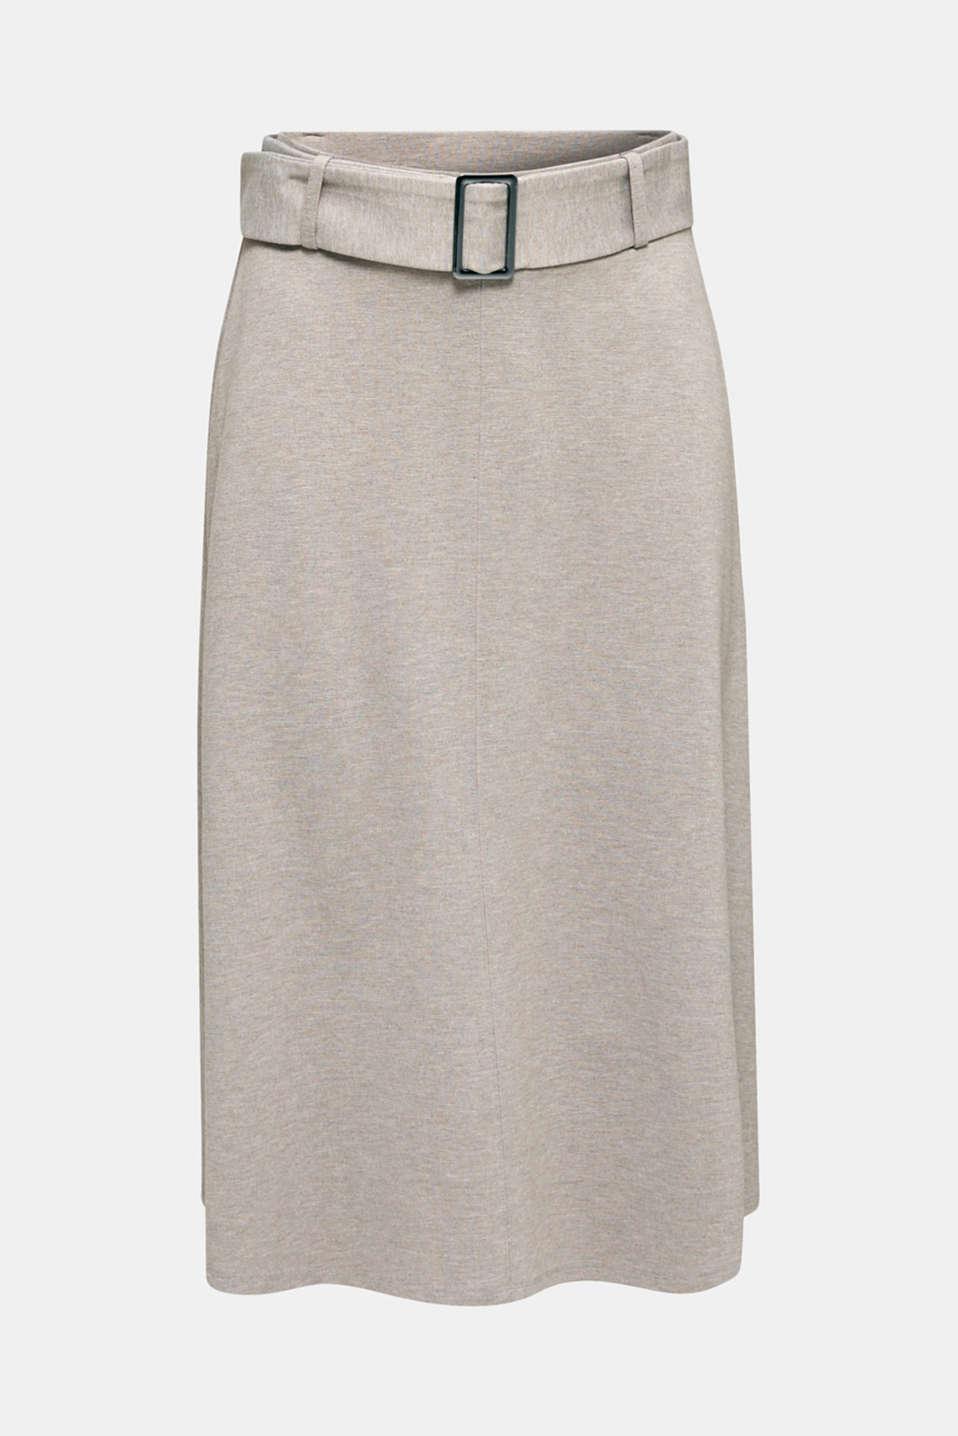 Melange A-line jersey skirt, LIGHT BEIGE, detail image number 7